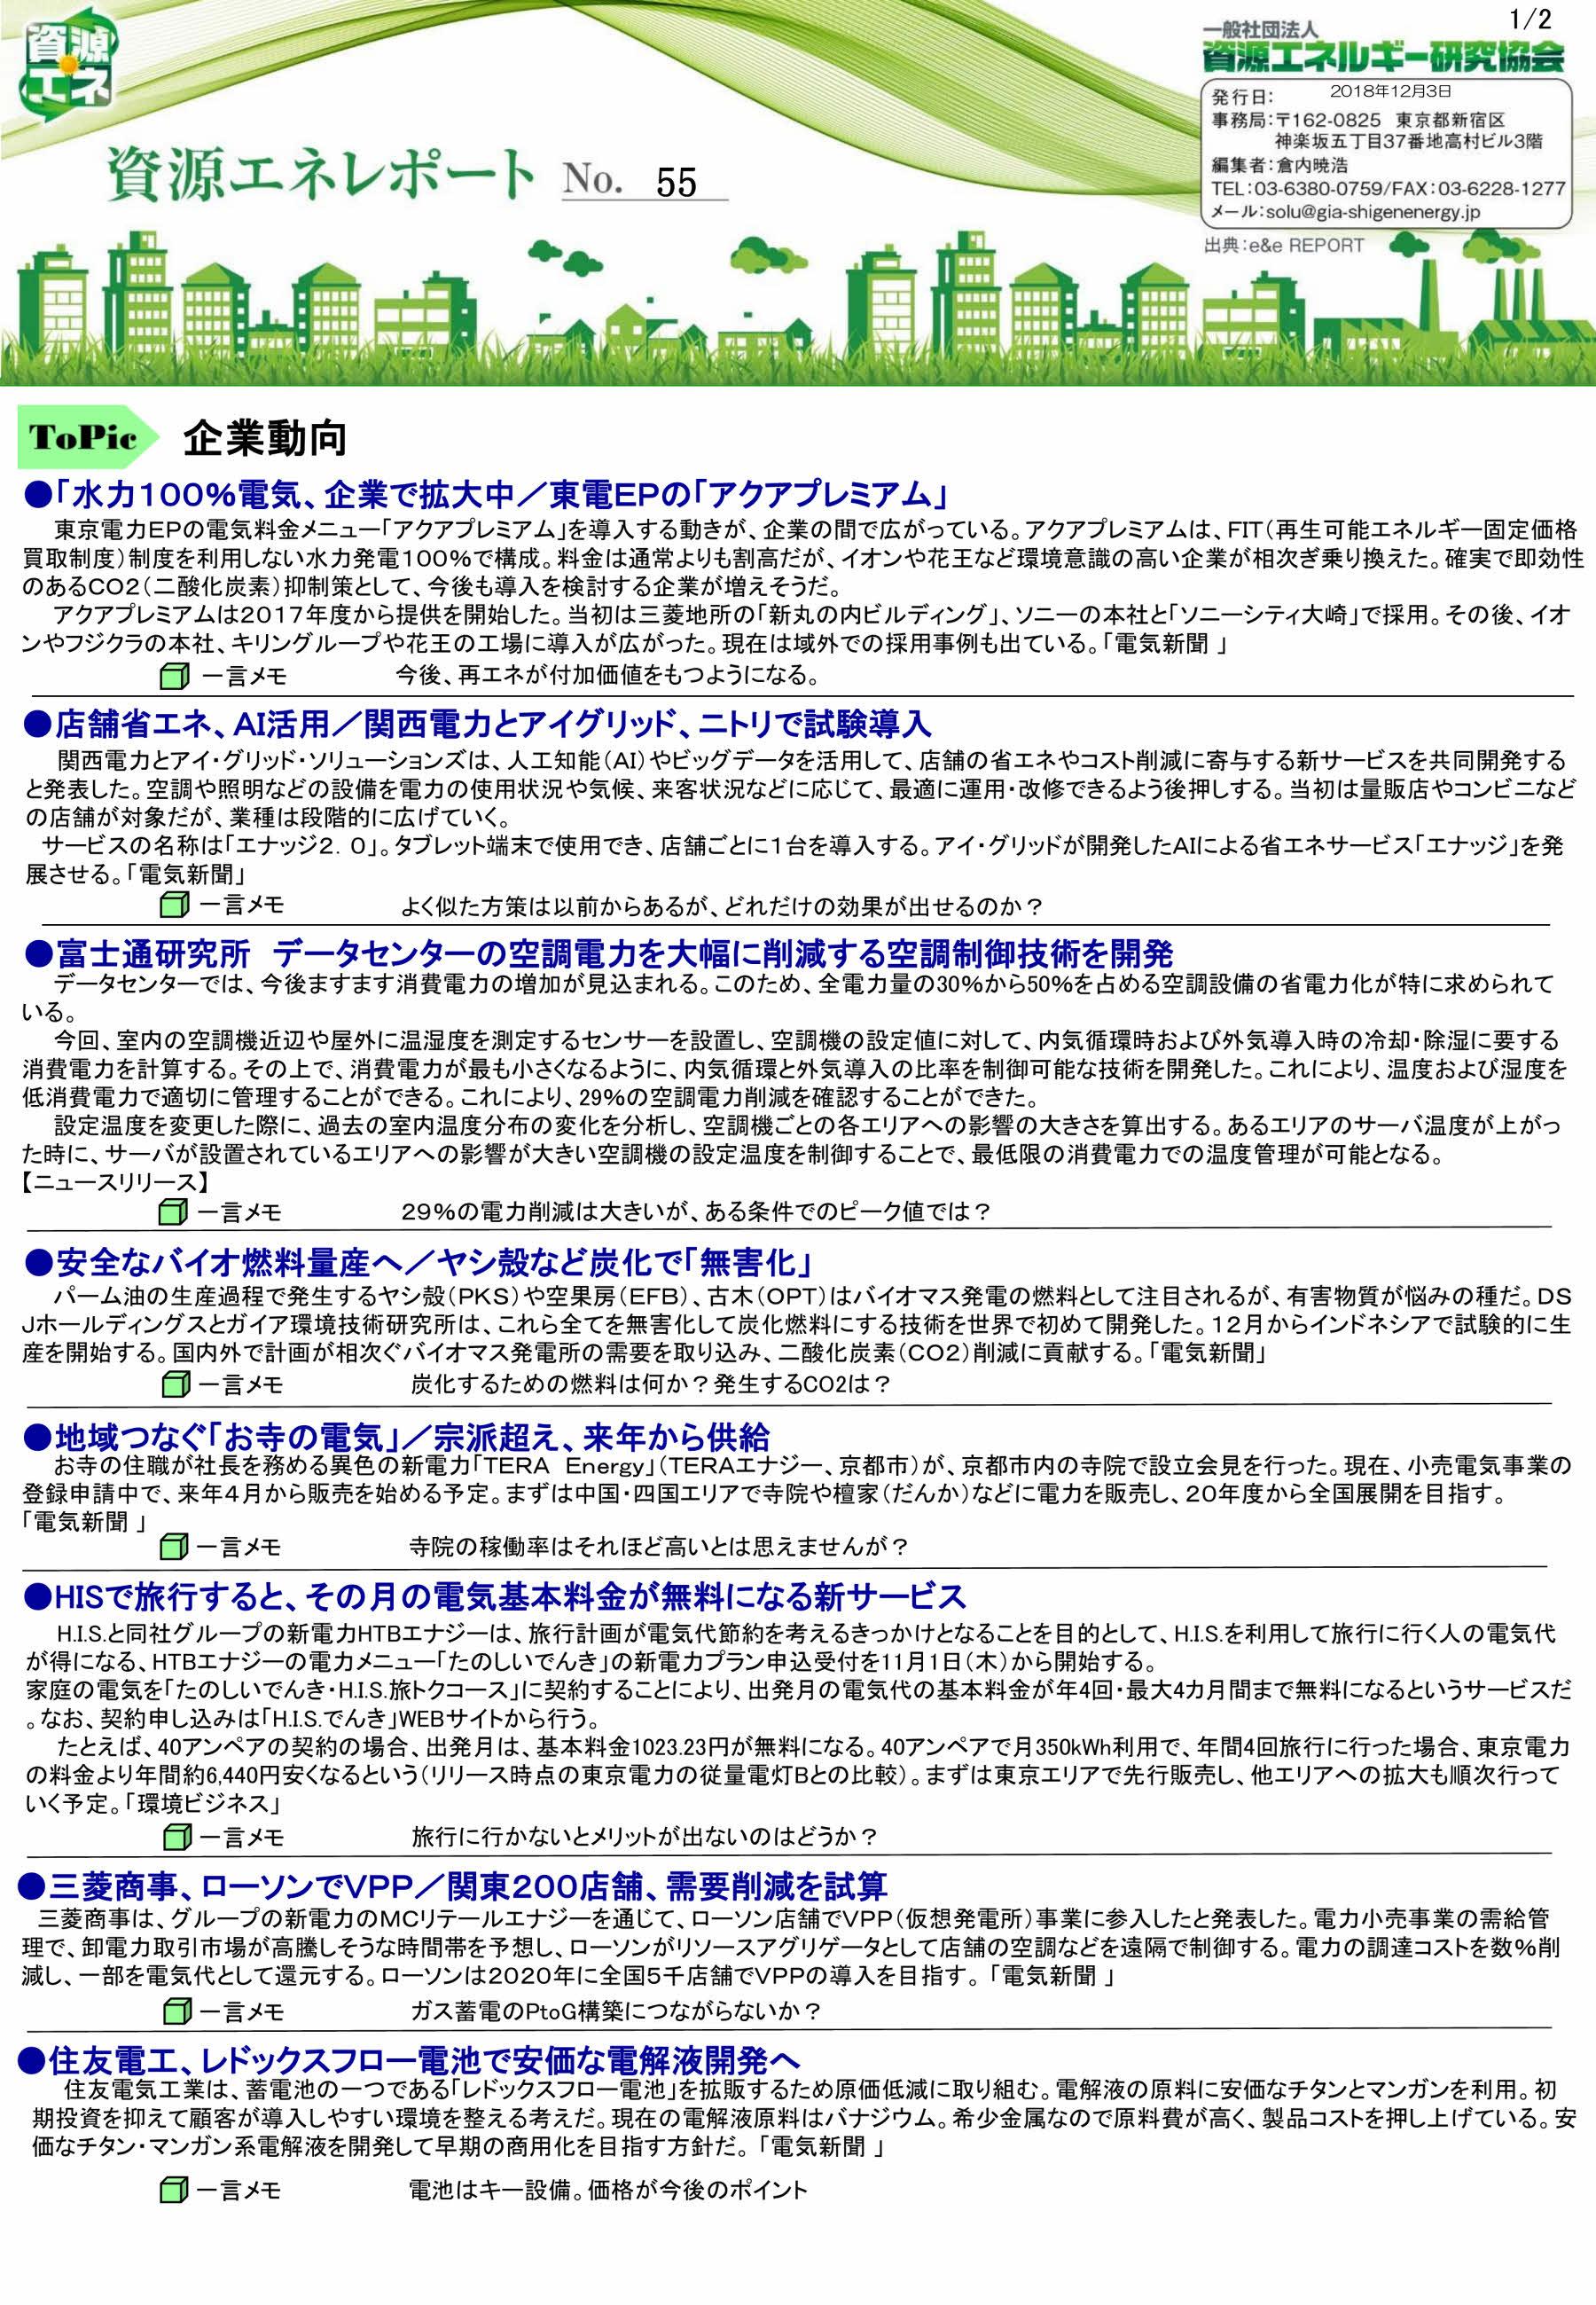 資源エネレポート -N0.55-